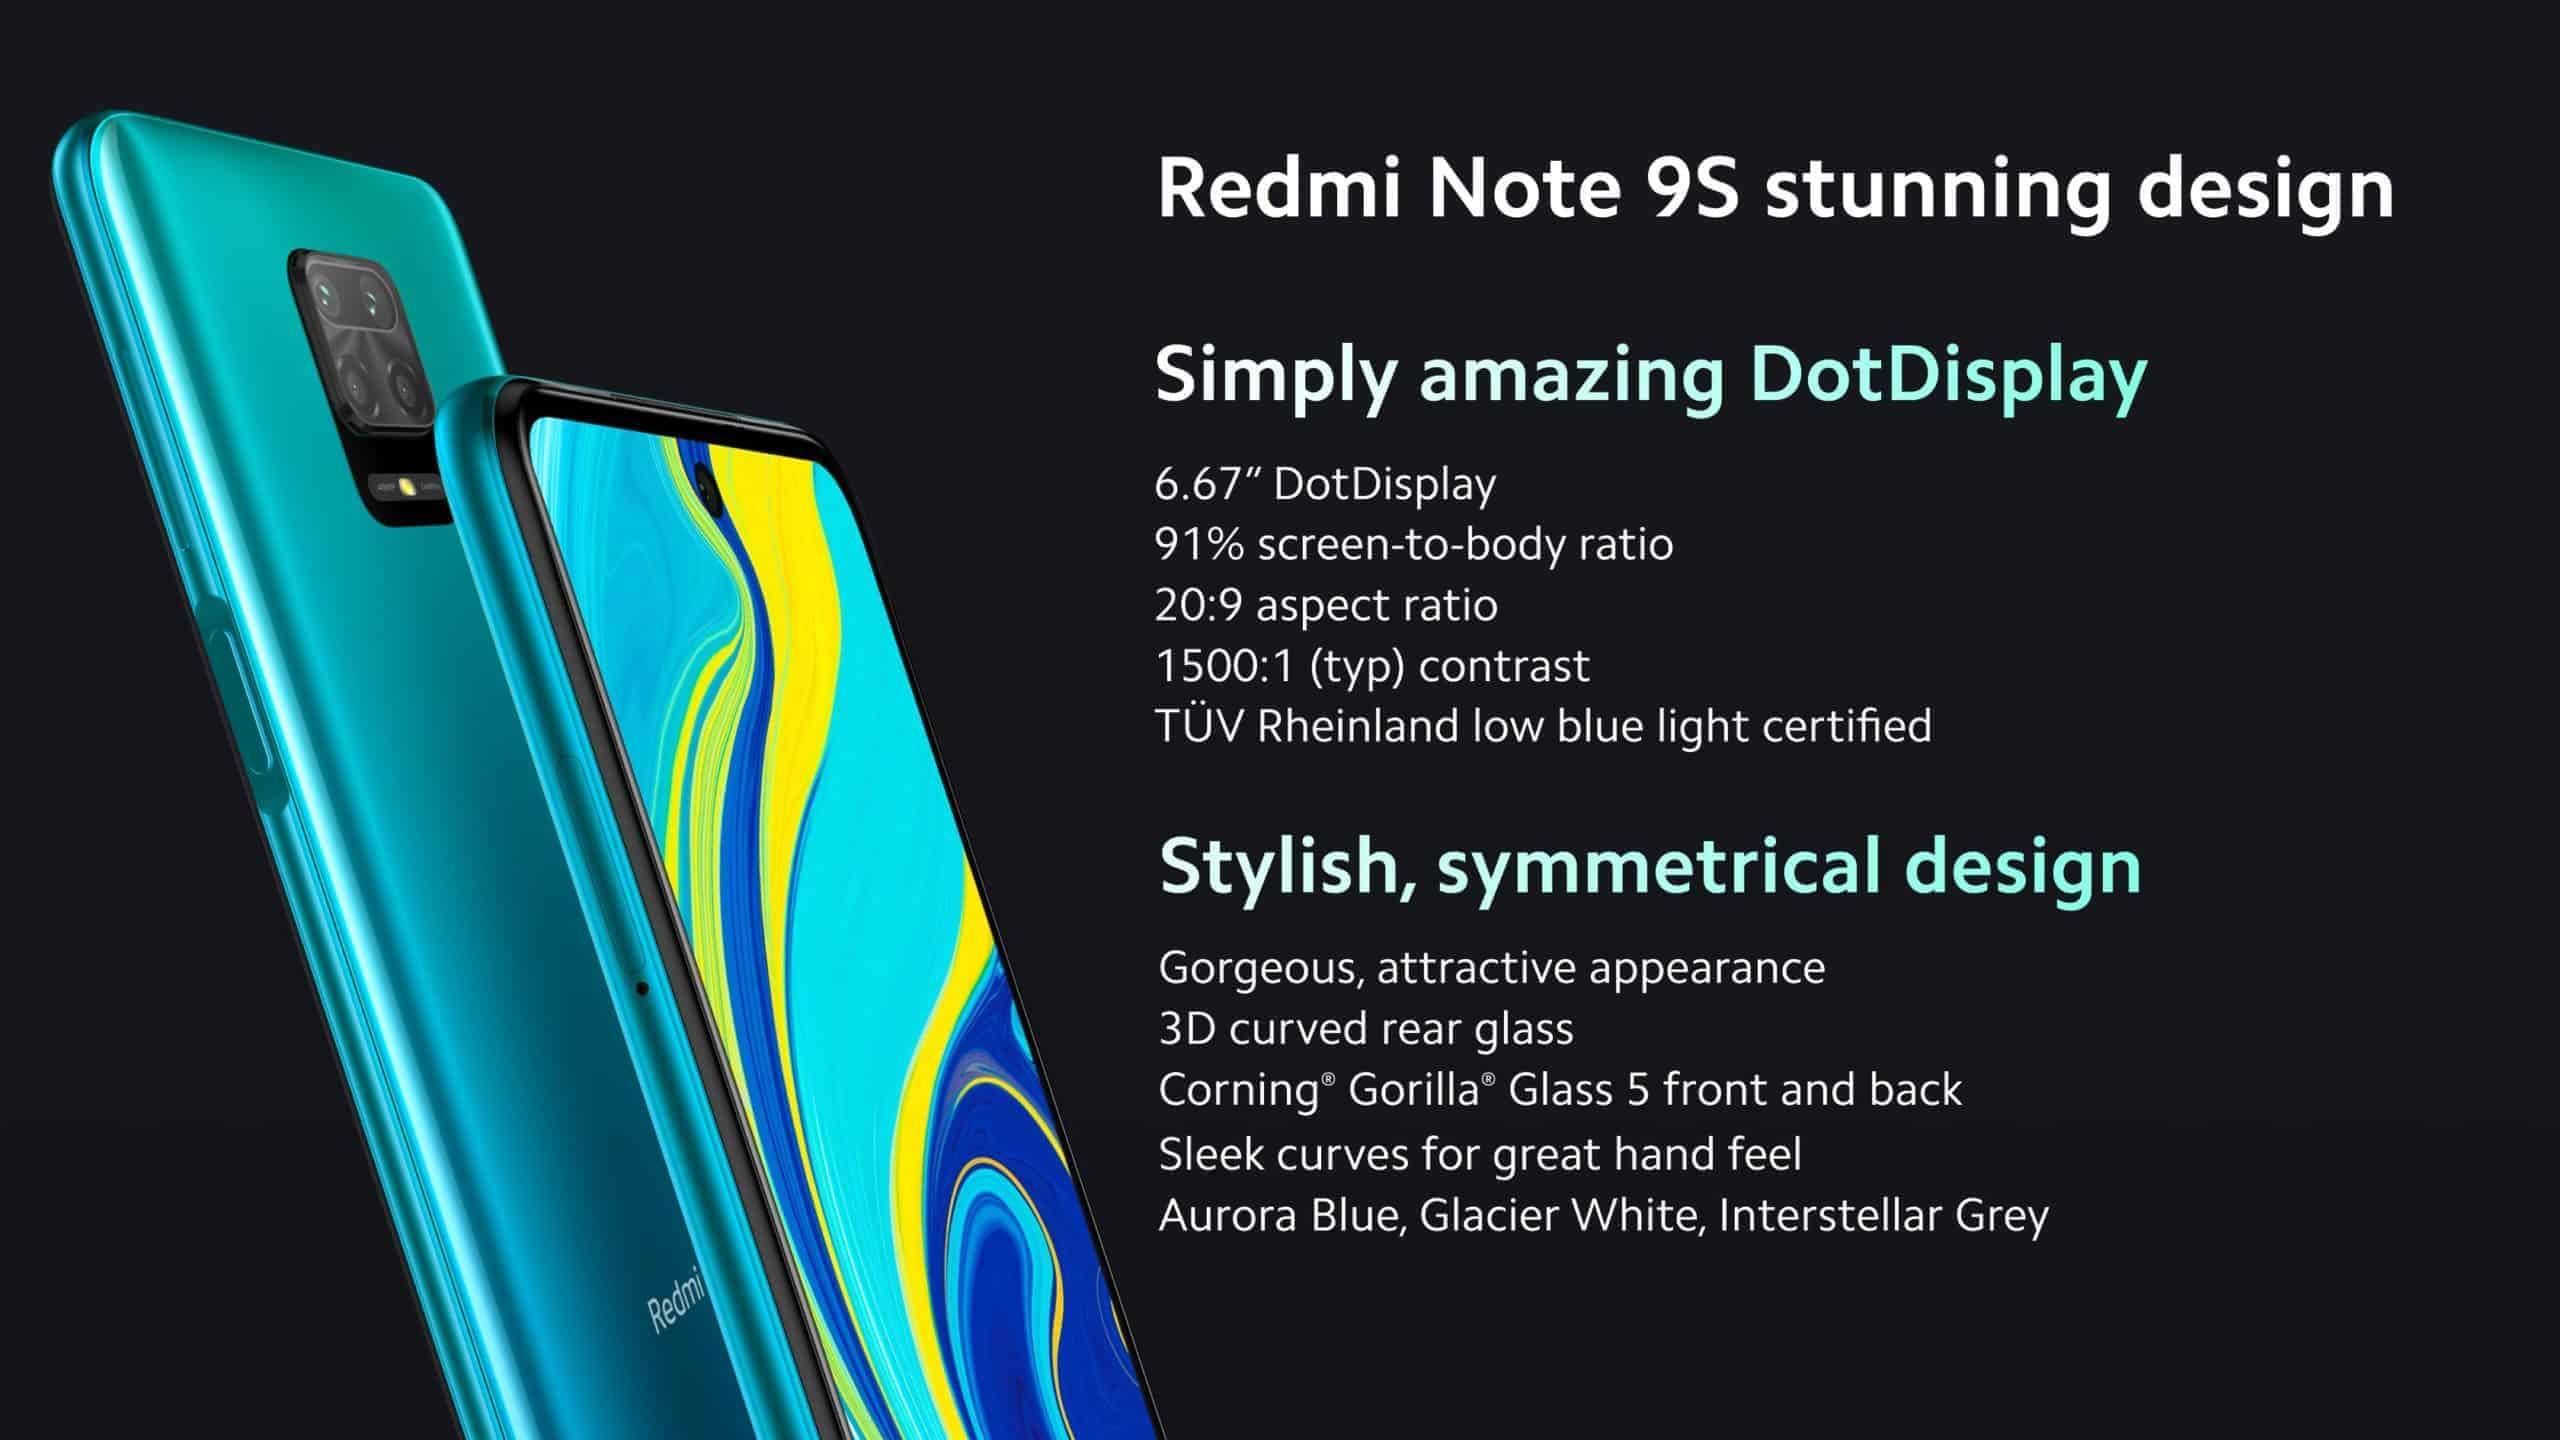 Redmi Note 9S image 7